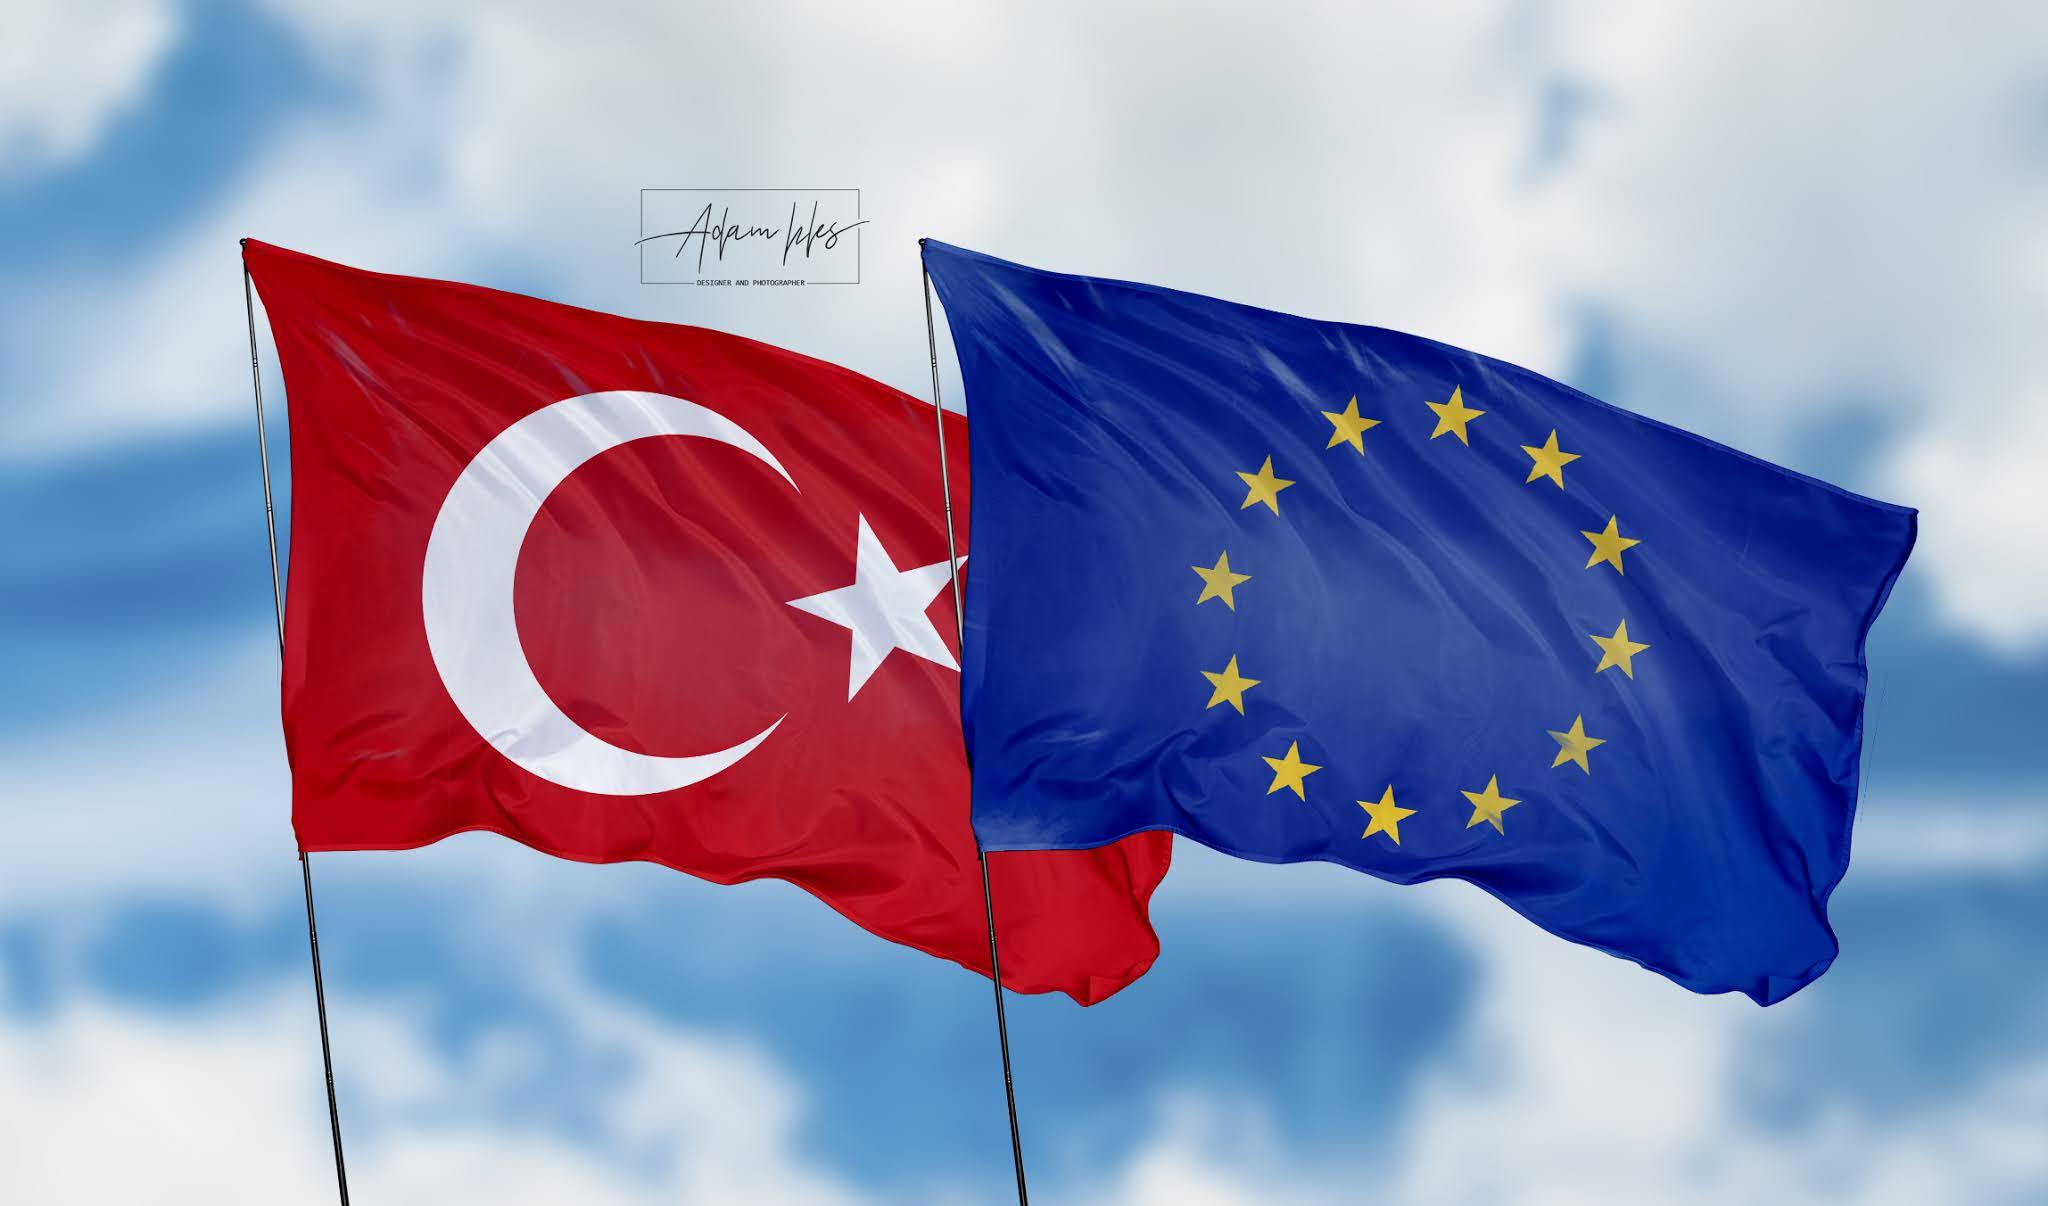 تحميل اجمل خلفية تركيا والاتحاد الاوروبي علم الاتحاد الاوروبي مع تركيا